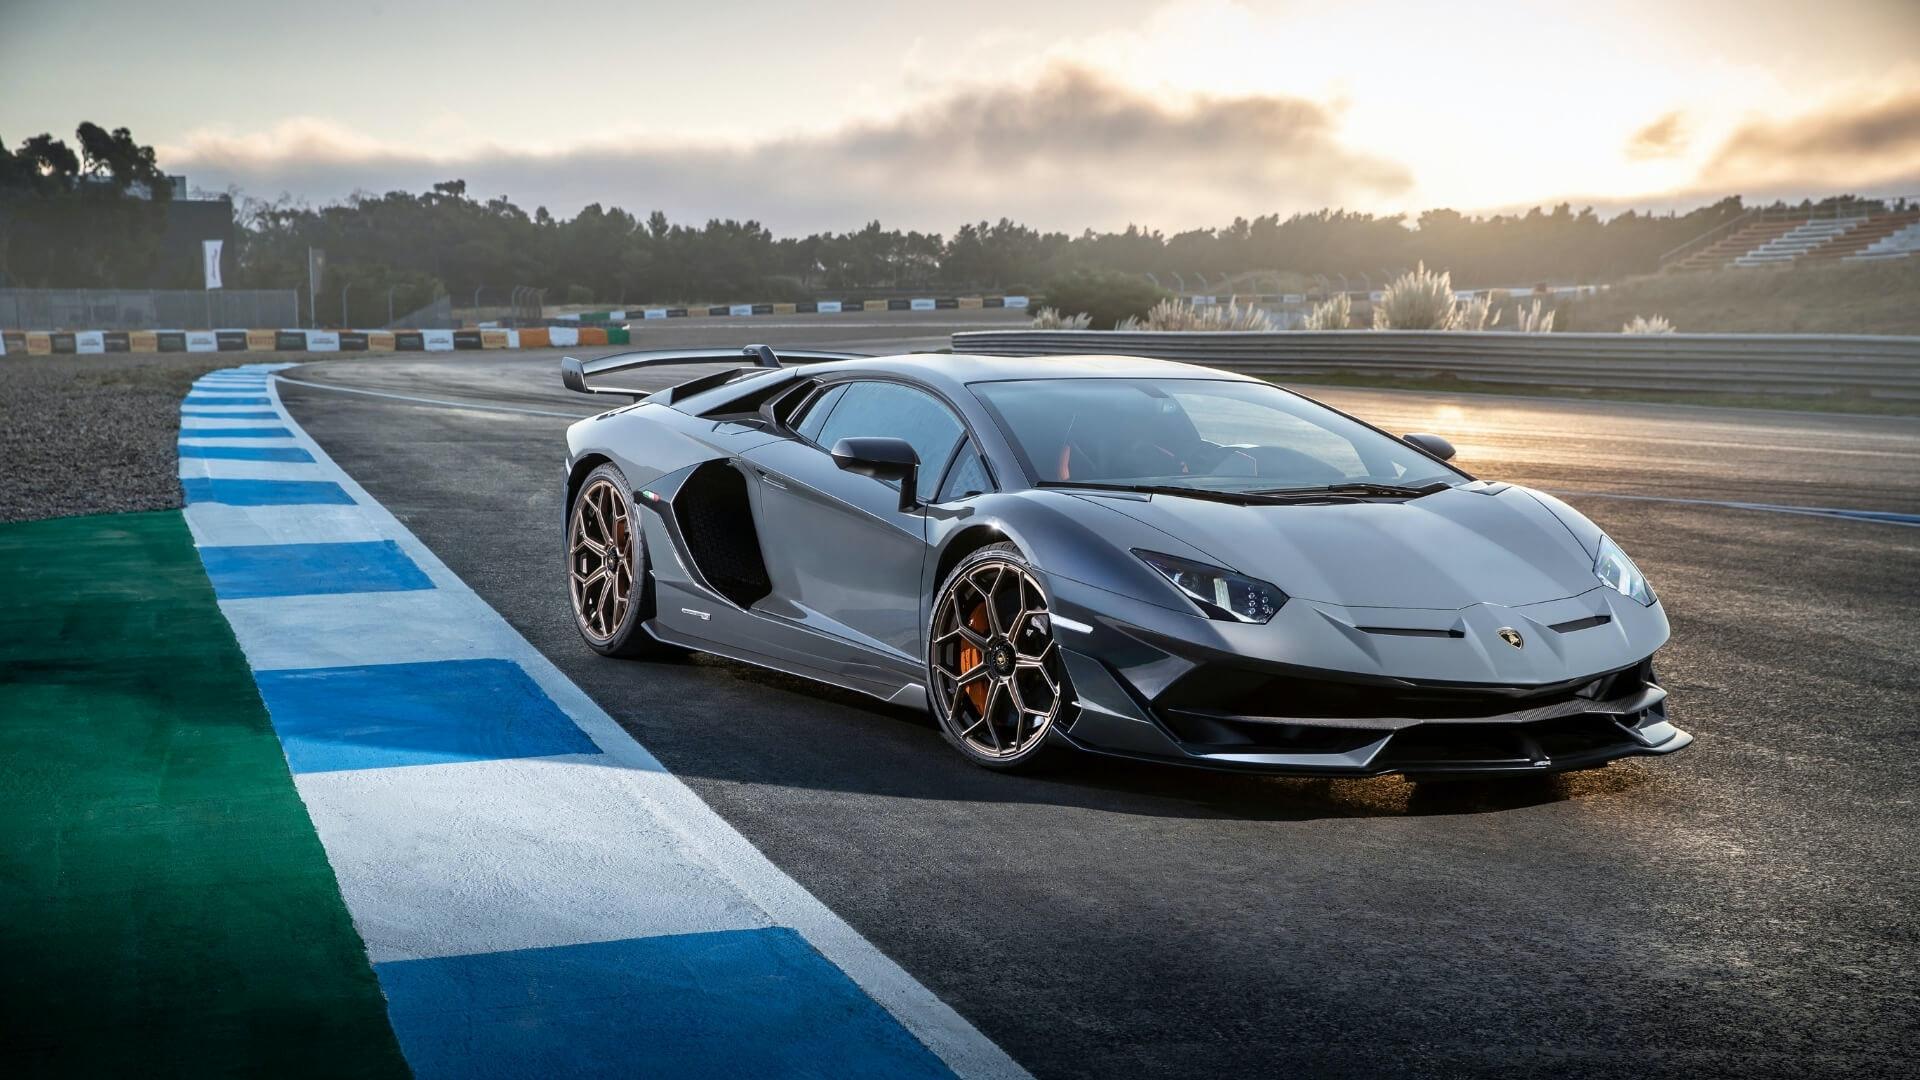 照片中包含了蘭博基尼aventador svj、2019蘭博基尼Aventador SVJ、蘭博基尼、汽車、跑車